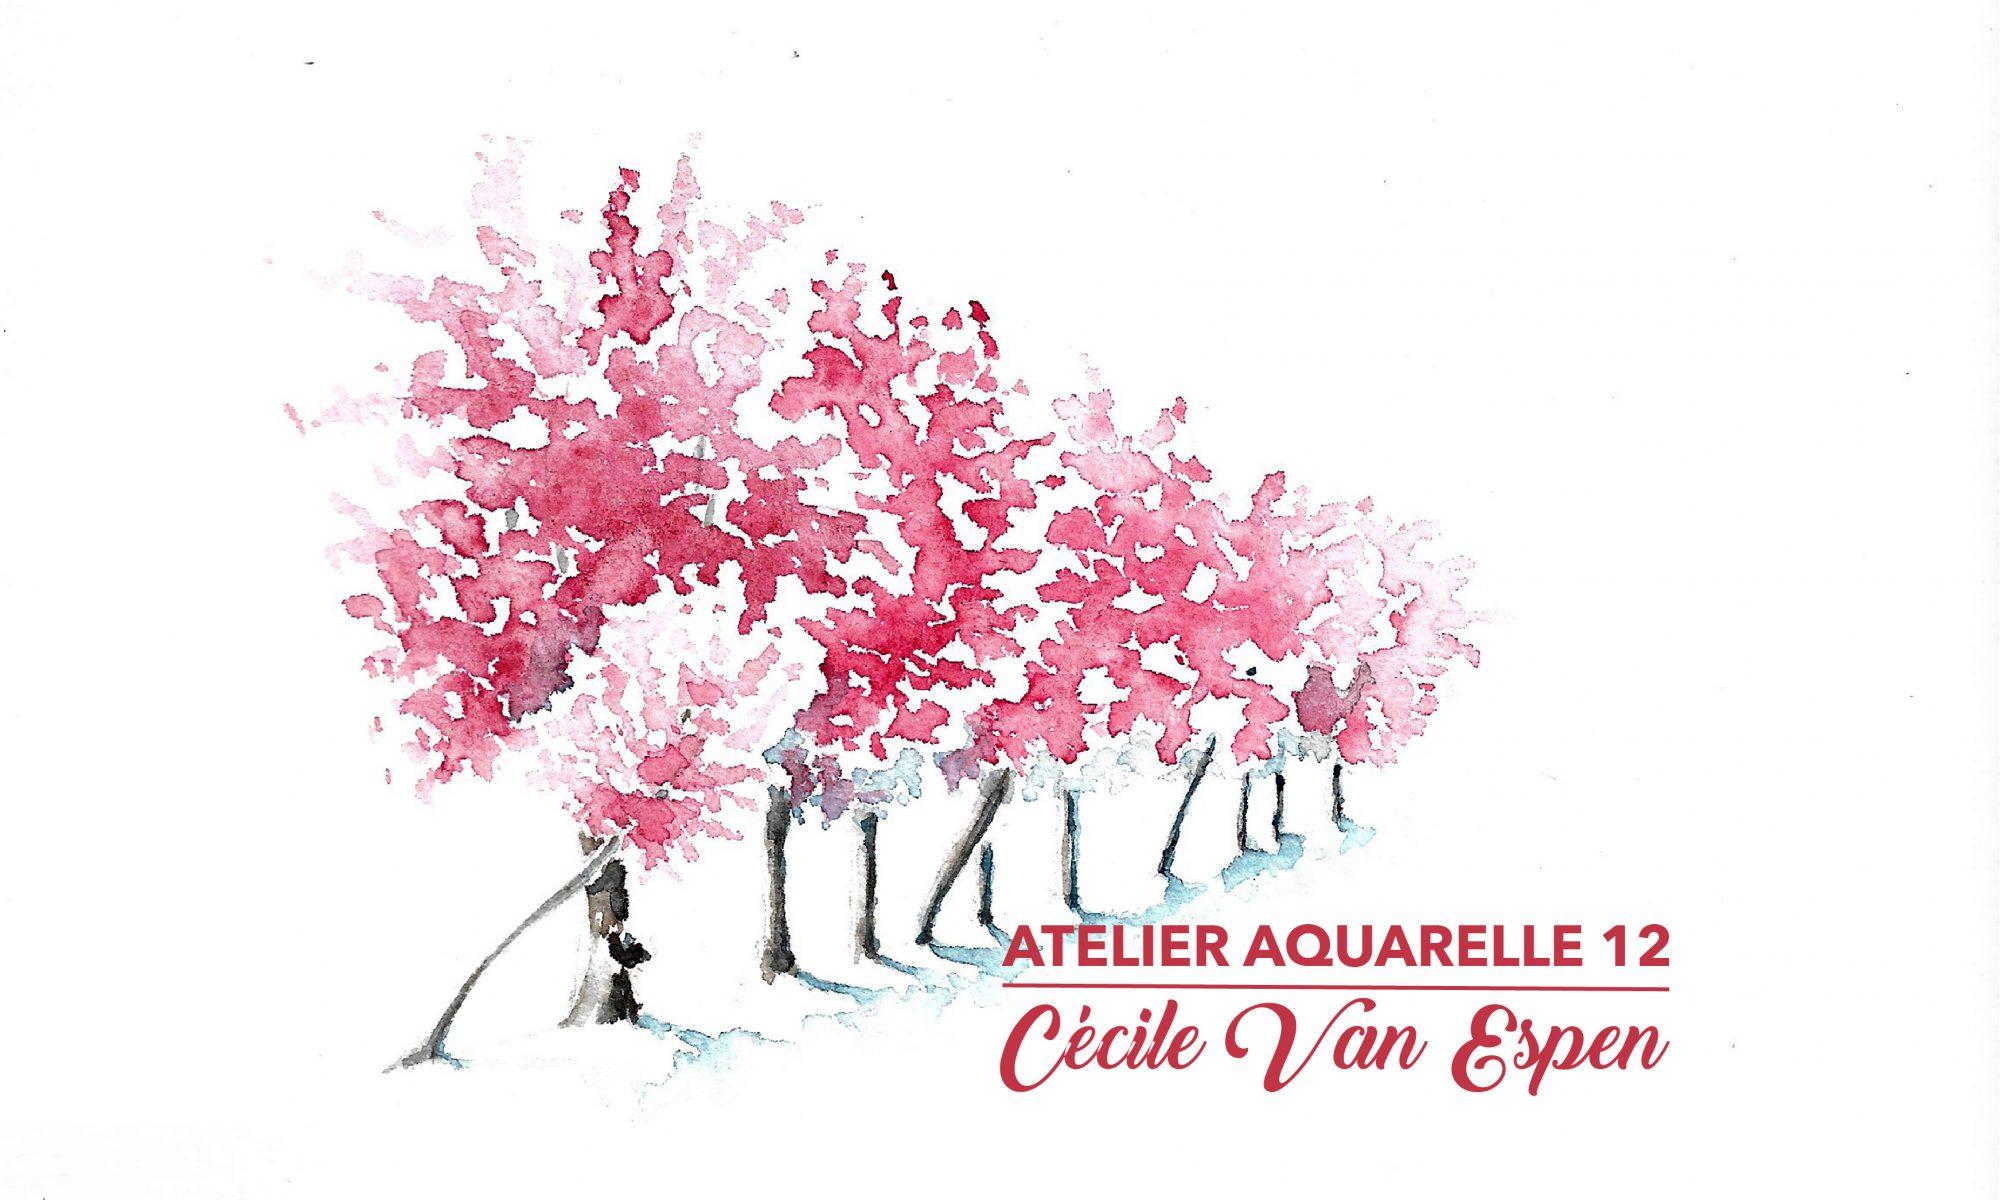 Prunus à l'aquarelle, une haie de prunus en fleurs, rose, en perspective. Le premier plan est à gauche, la haie s'éloigne vers la droite en diminuant progressivement. En premier plan, à droite, le titre du tuto.